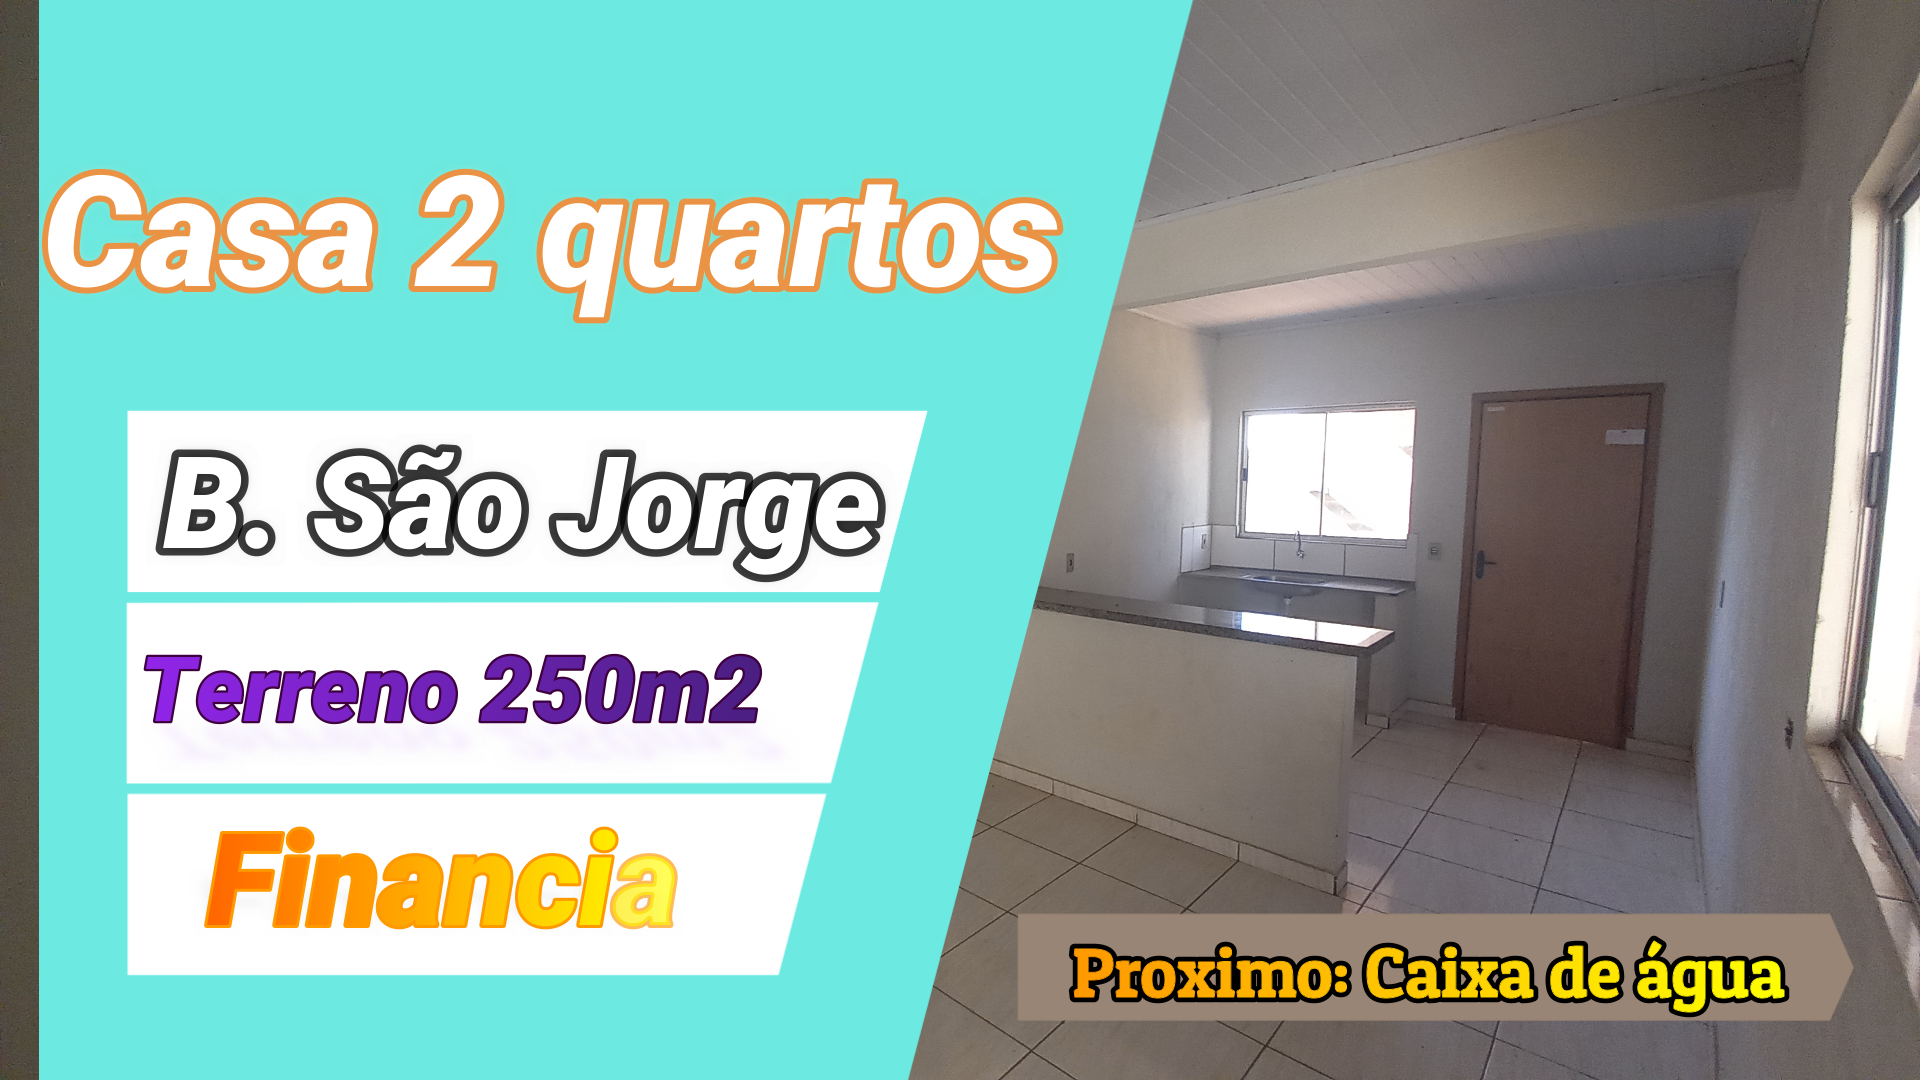 Casa 2 quartos no São Jorge, próximo a caixa de água